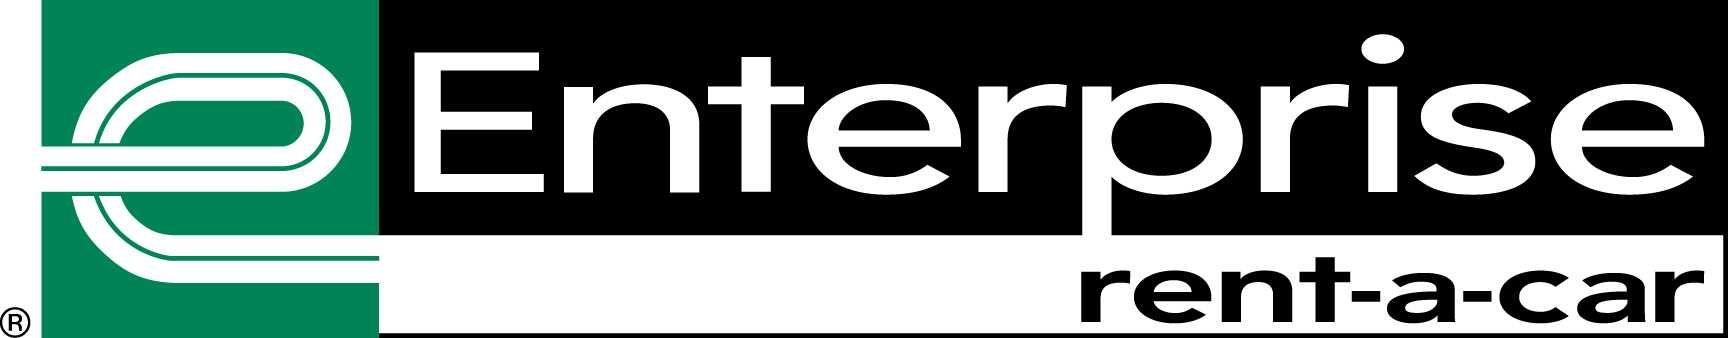 Enterprise Rent A Car Www Enterprise Com Enterprise Rent A Car Business Development Strategy Retail Marketing